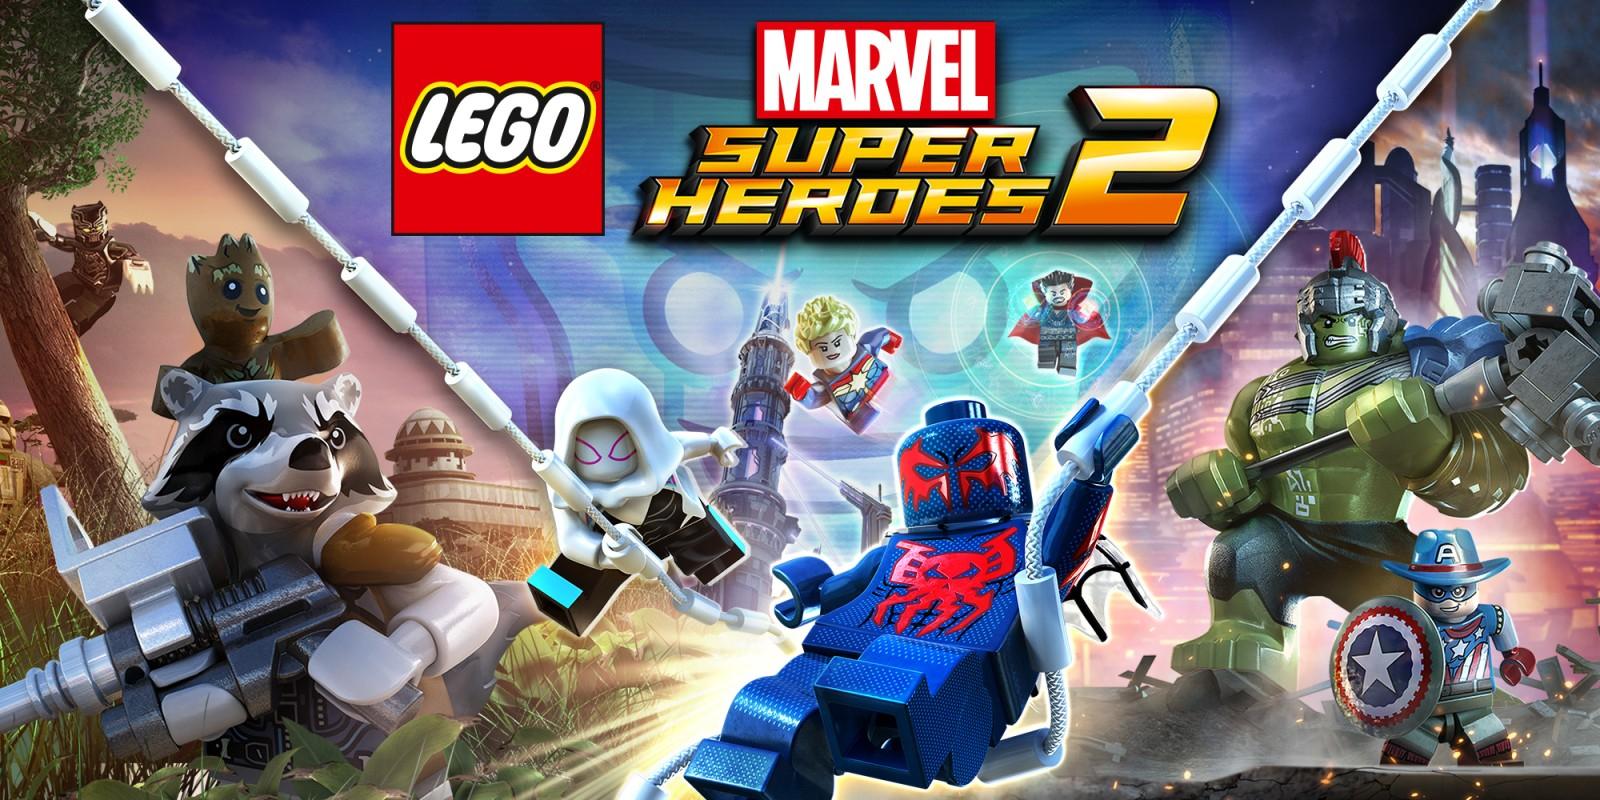 Sélection de jeux lego en promotion sur Nintendo Switch - Ex: Jeu LEGO Marvel Heroes 2 (Dématérialisé)